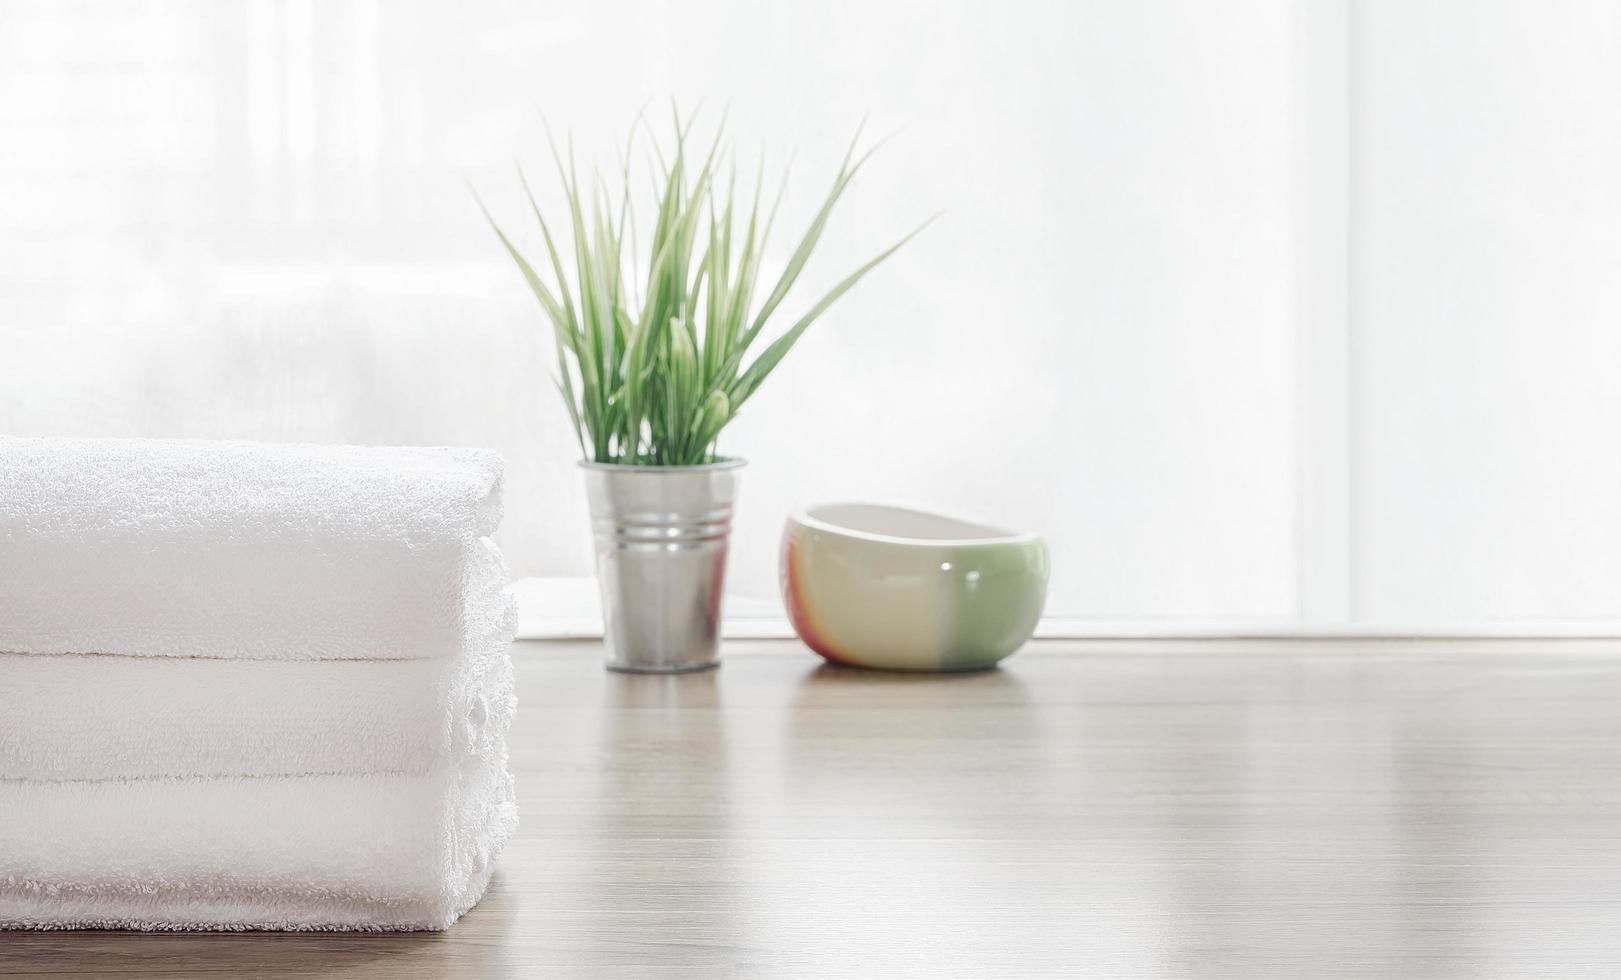 toalhas brancas dobradas e planta de casa na mesa de madeira foto